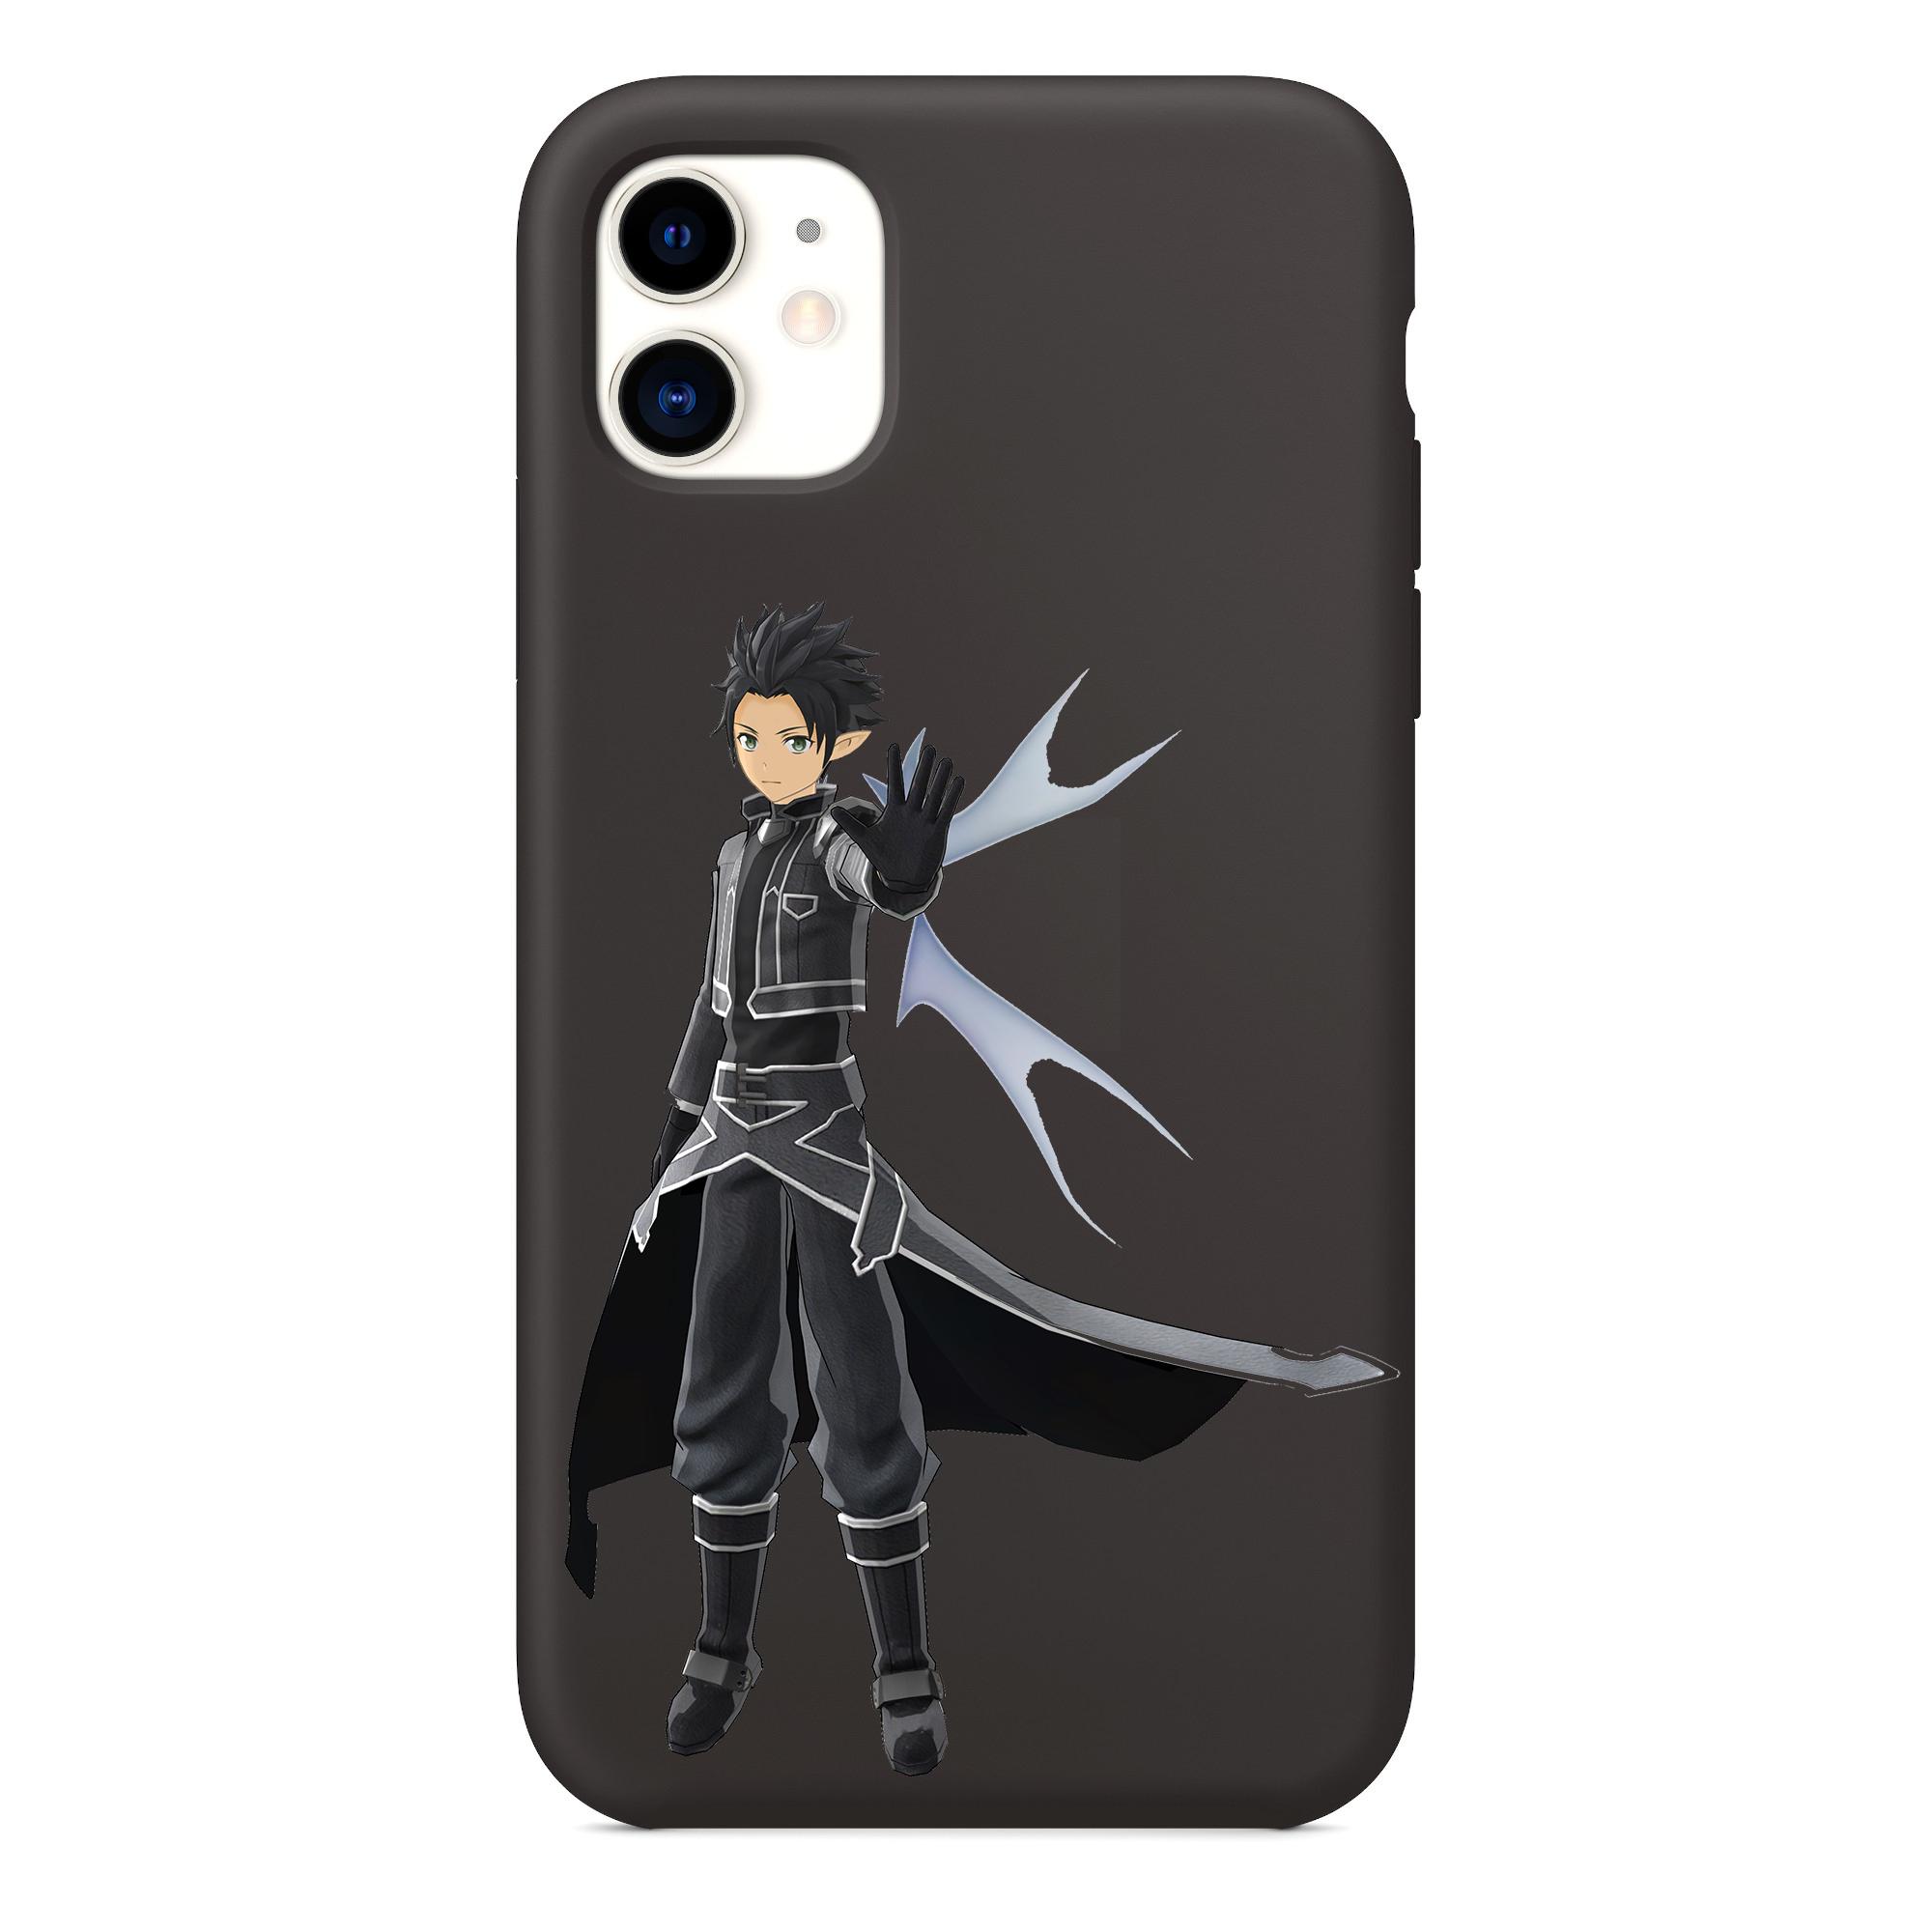 Sword Art Online Coque iPhone, Sword Art Online Artwork Anime iPhone 11 Coque de téléphone